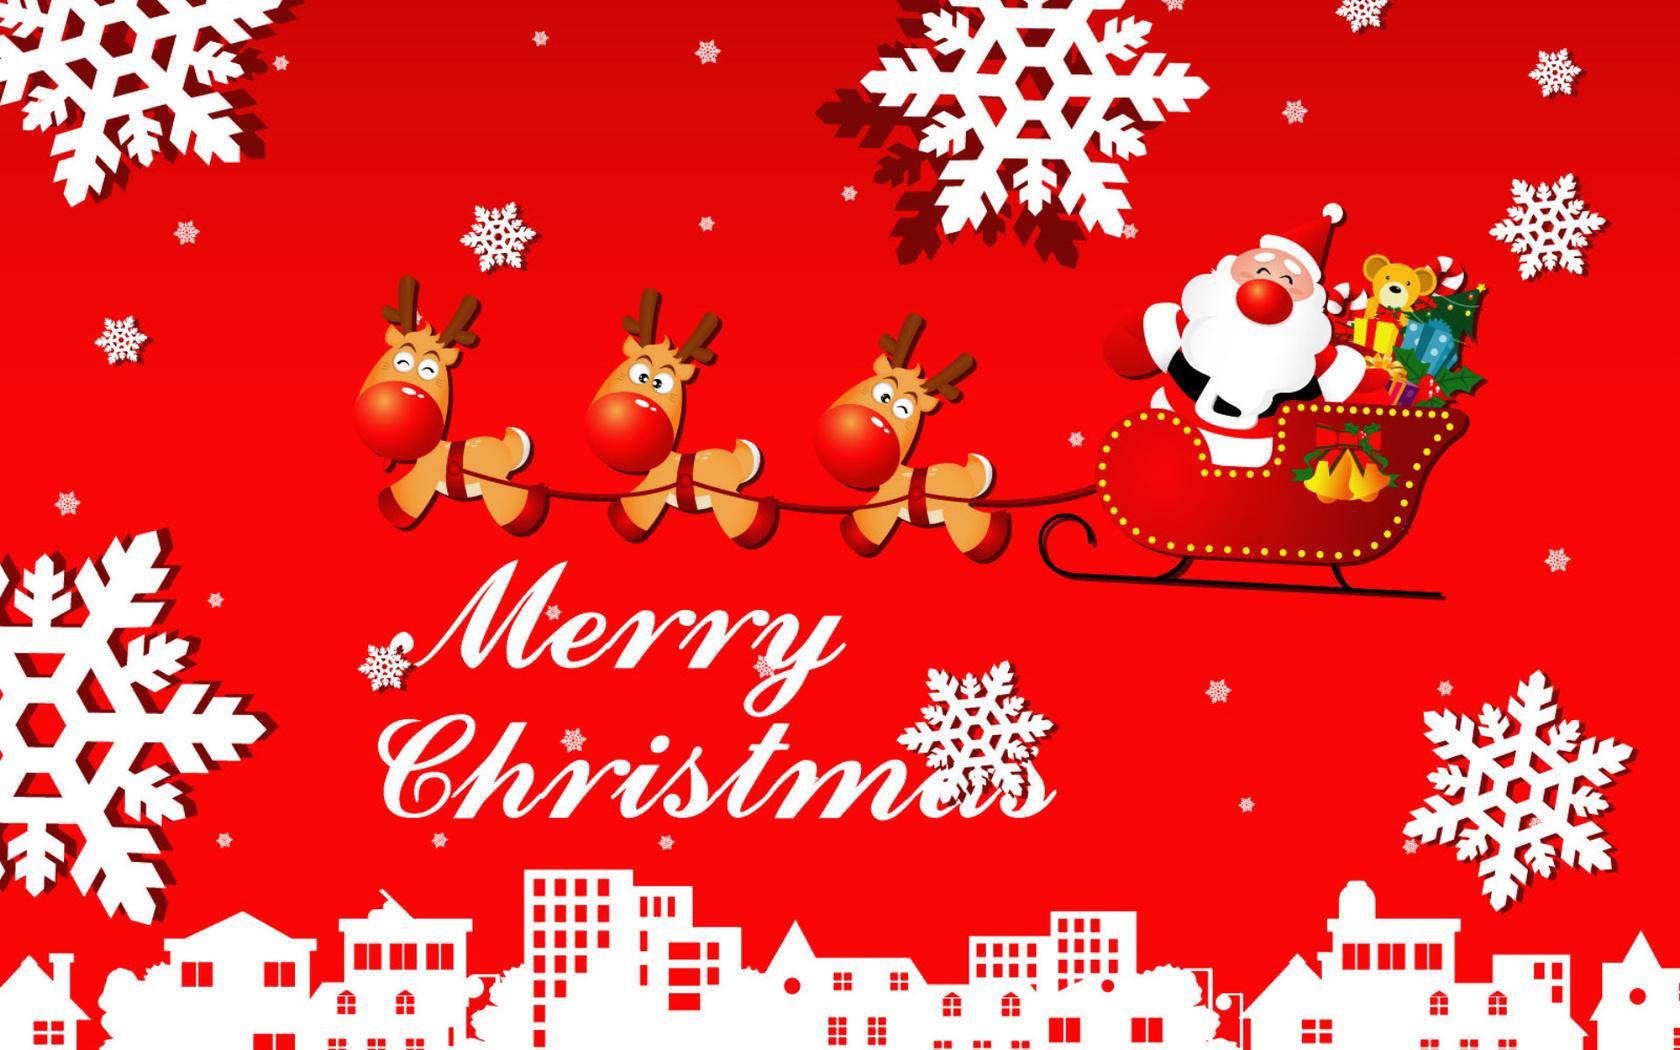 Открытки с новым годом и рождеством английские, картинки